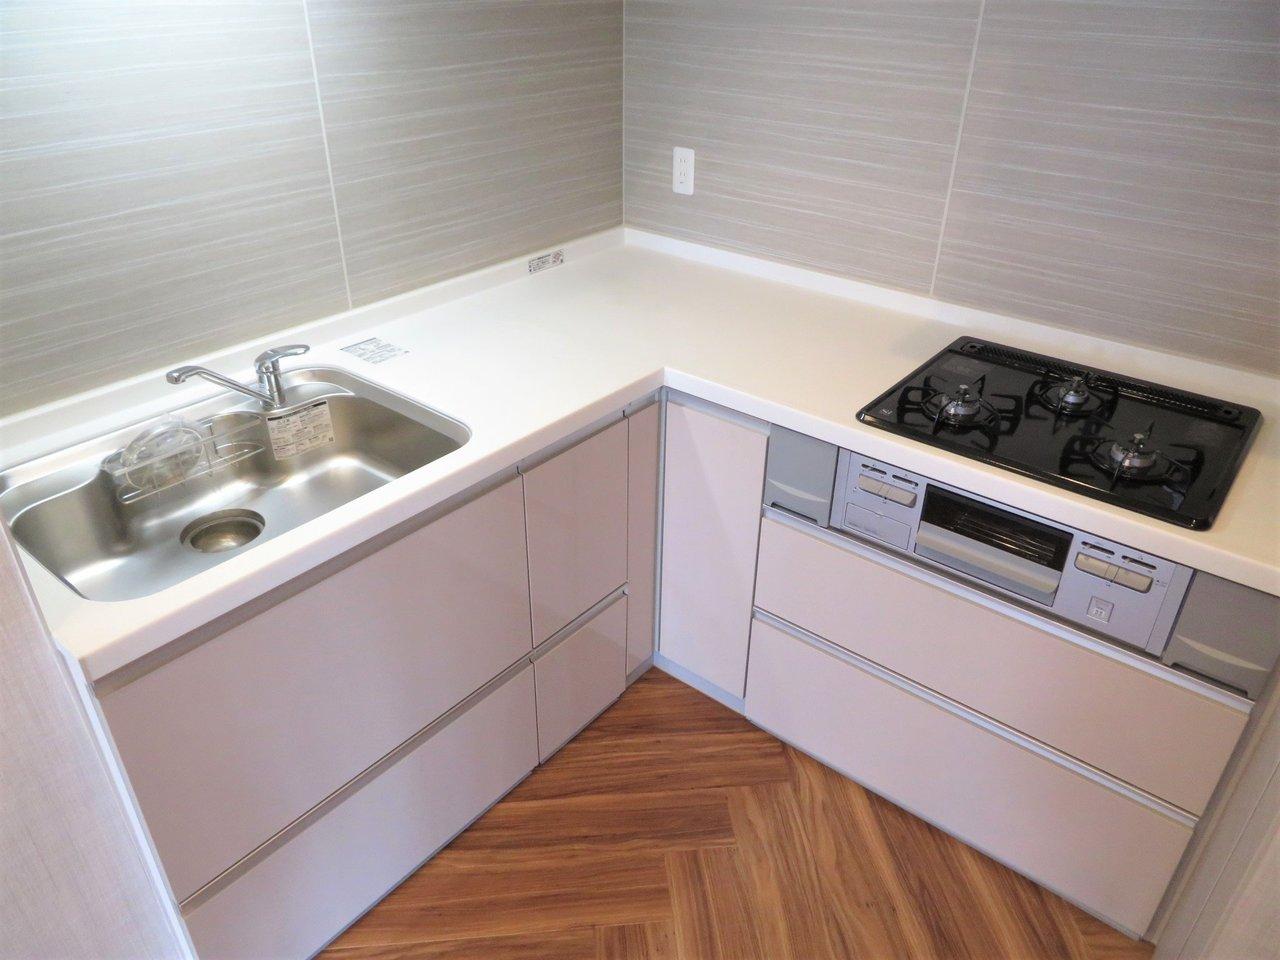 ちなみにキッチンはL字型になっています。その分普通のキッチンよりも作業スペースが広めになっているので、調理家電を置いたり、調味料を置いたり、と使いやすいようにアレンジできそうです。